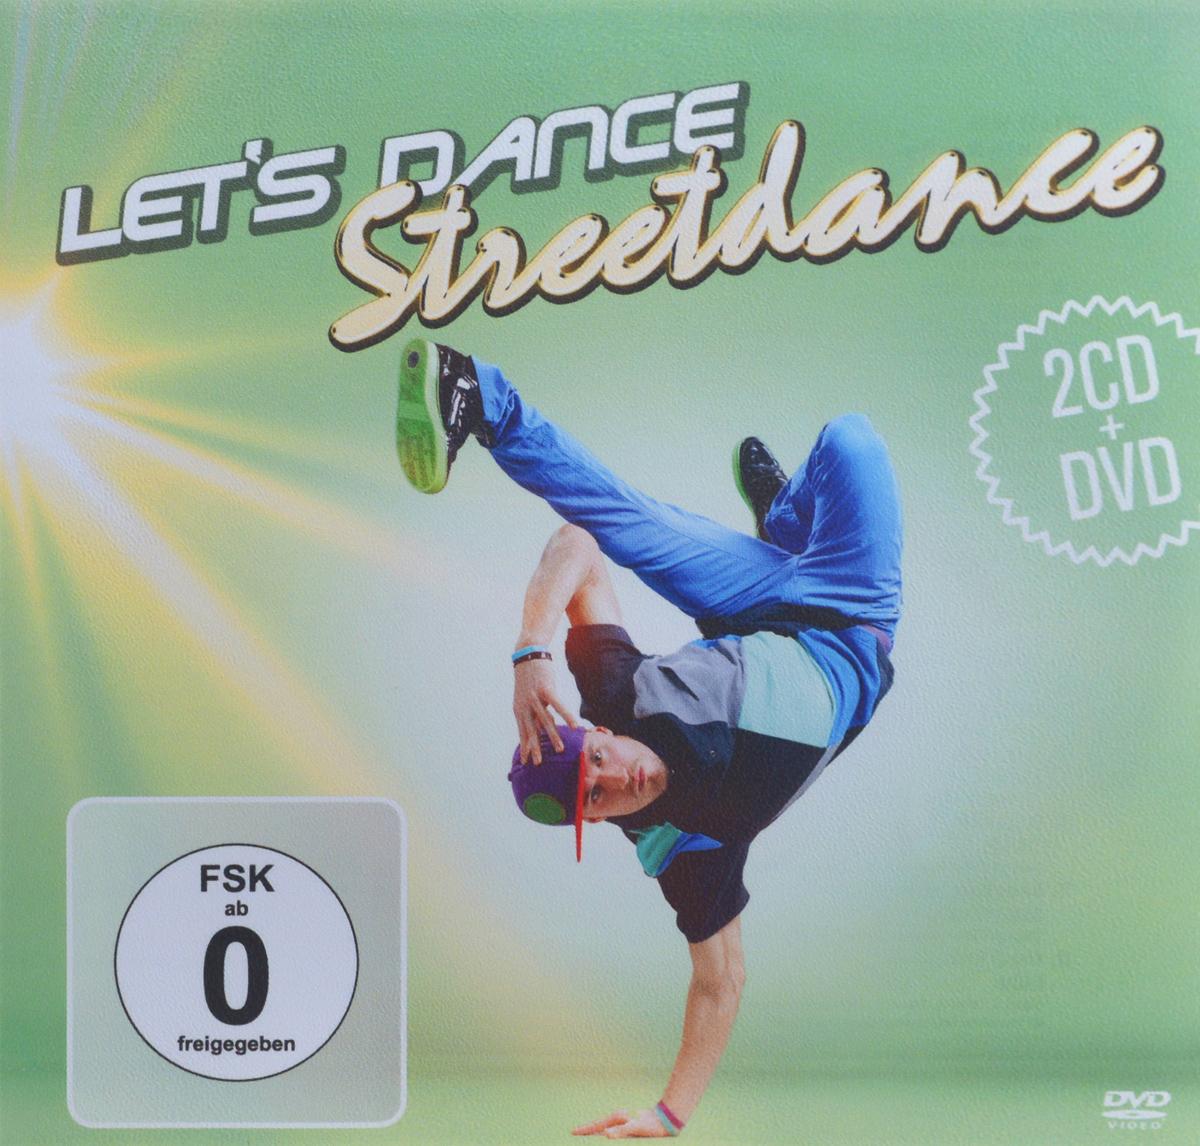 Let's Dance. Streetdance (2 CD + DVD) van der graaf generator van der graaf generator live in concert at metropolis studios london 2 cd dvd